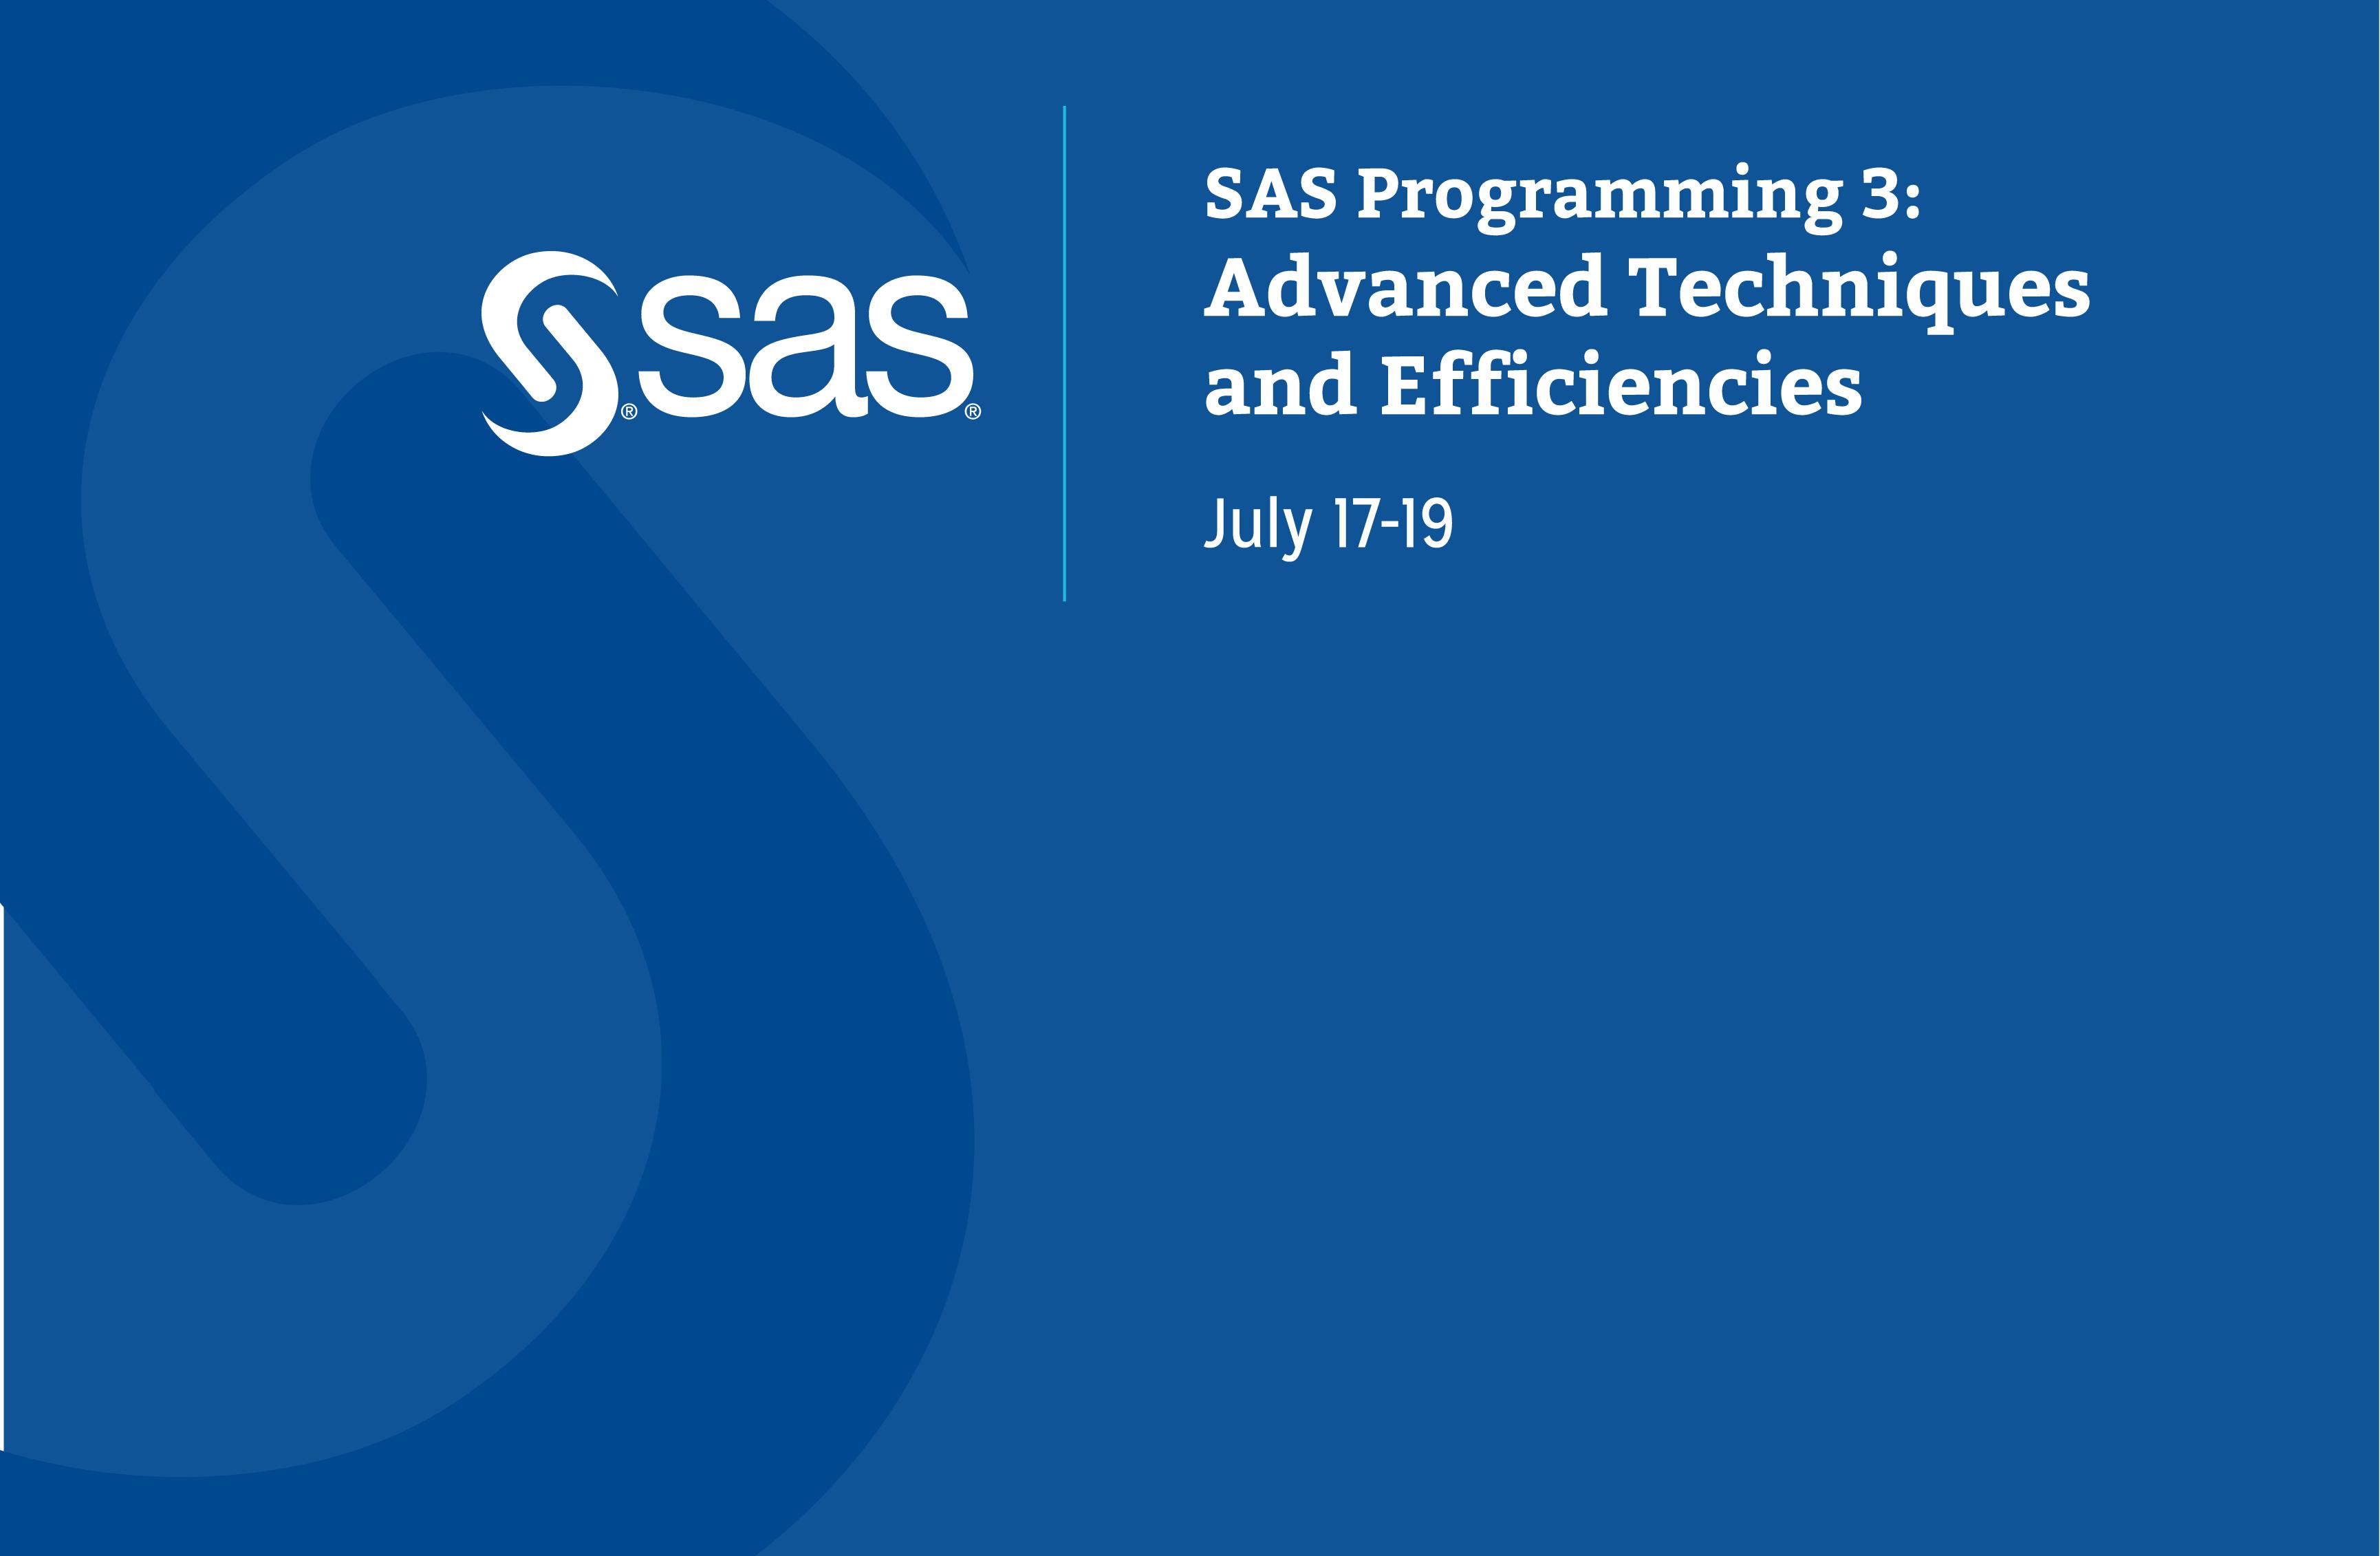 SAS Programming III July 2019